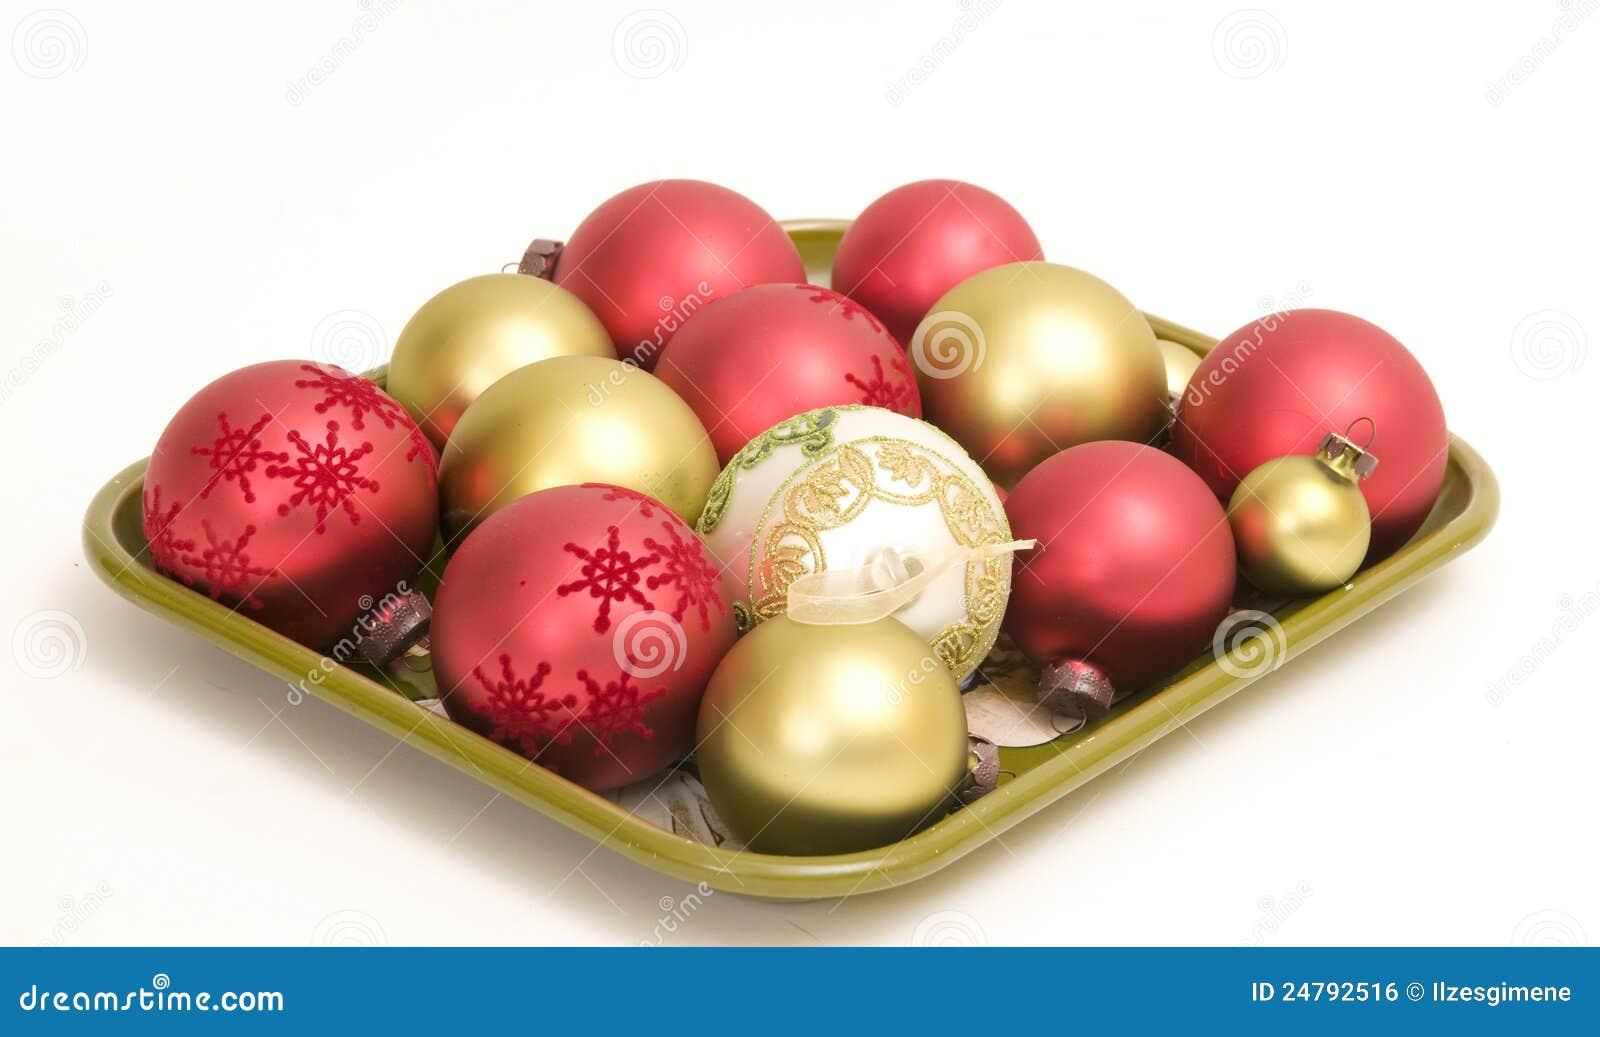 Ornamentos de la navidad imagen de archivo libre de - Ornamentos de navidad ...